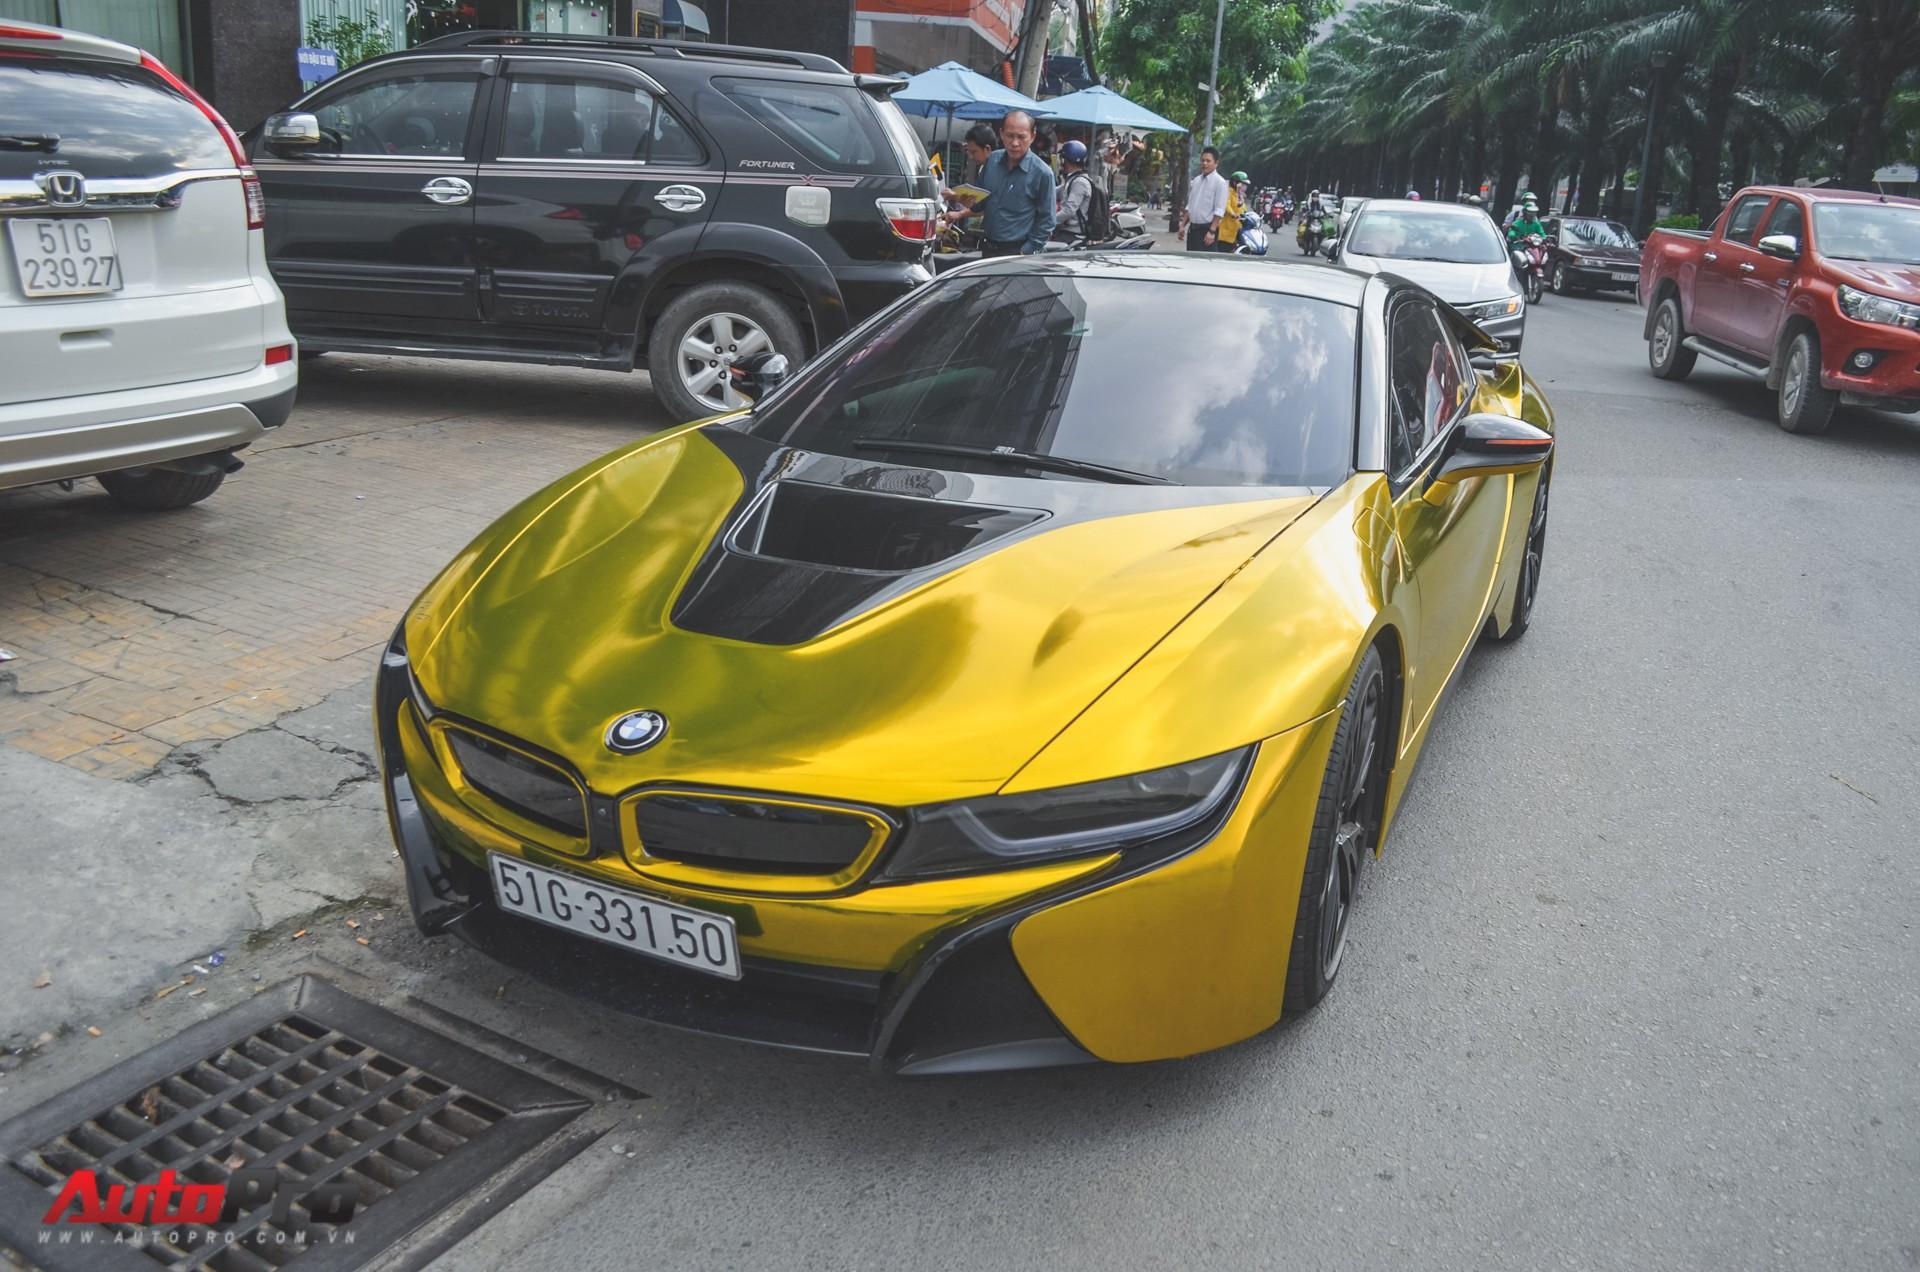 Sieu Xe Bmw I8 Dan Decal Vang Chrome Nổi Bật đon Năm Mới Tại Sai Gon